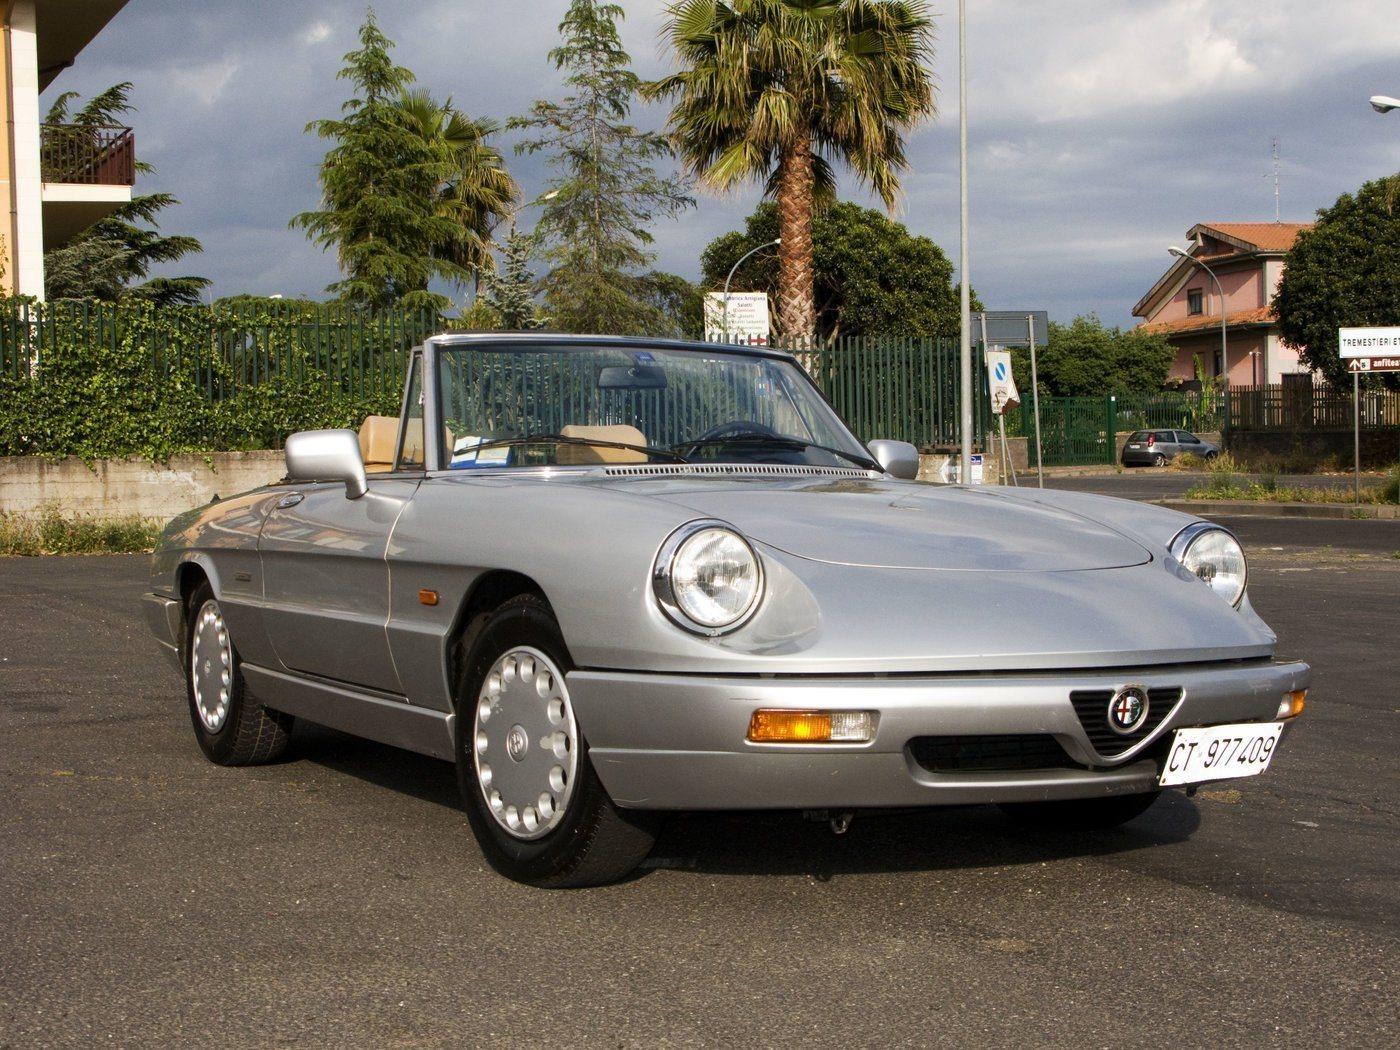 foto Alfa spider 1.6 carburatori - iv serie - grigio metall.- 1991 - 3